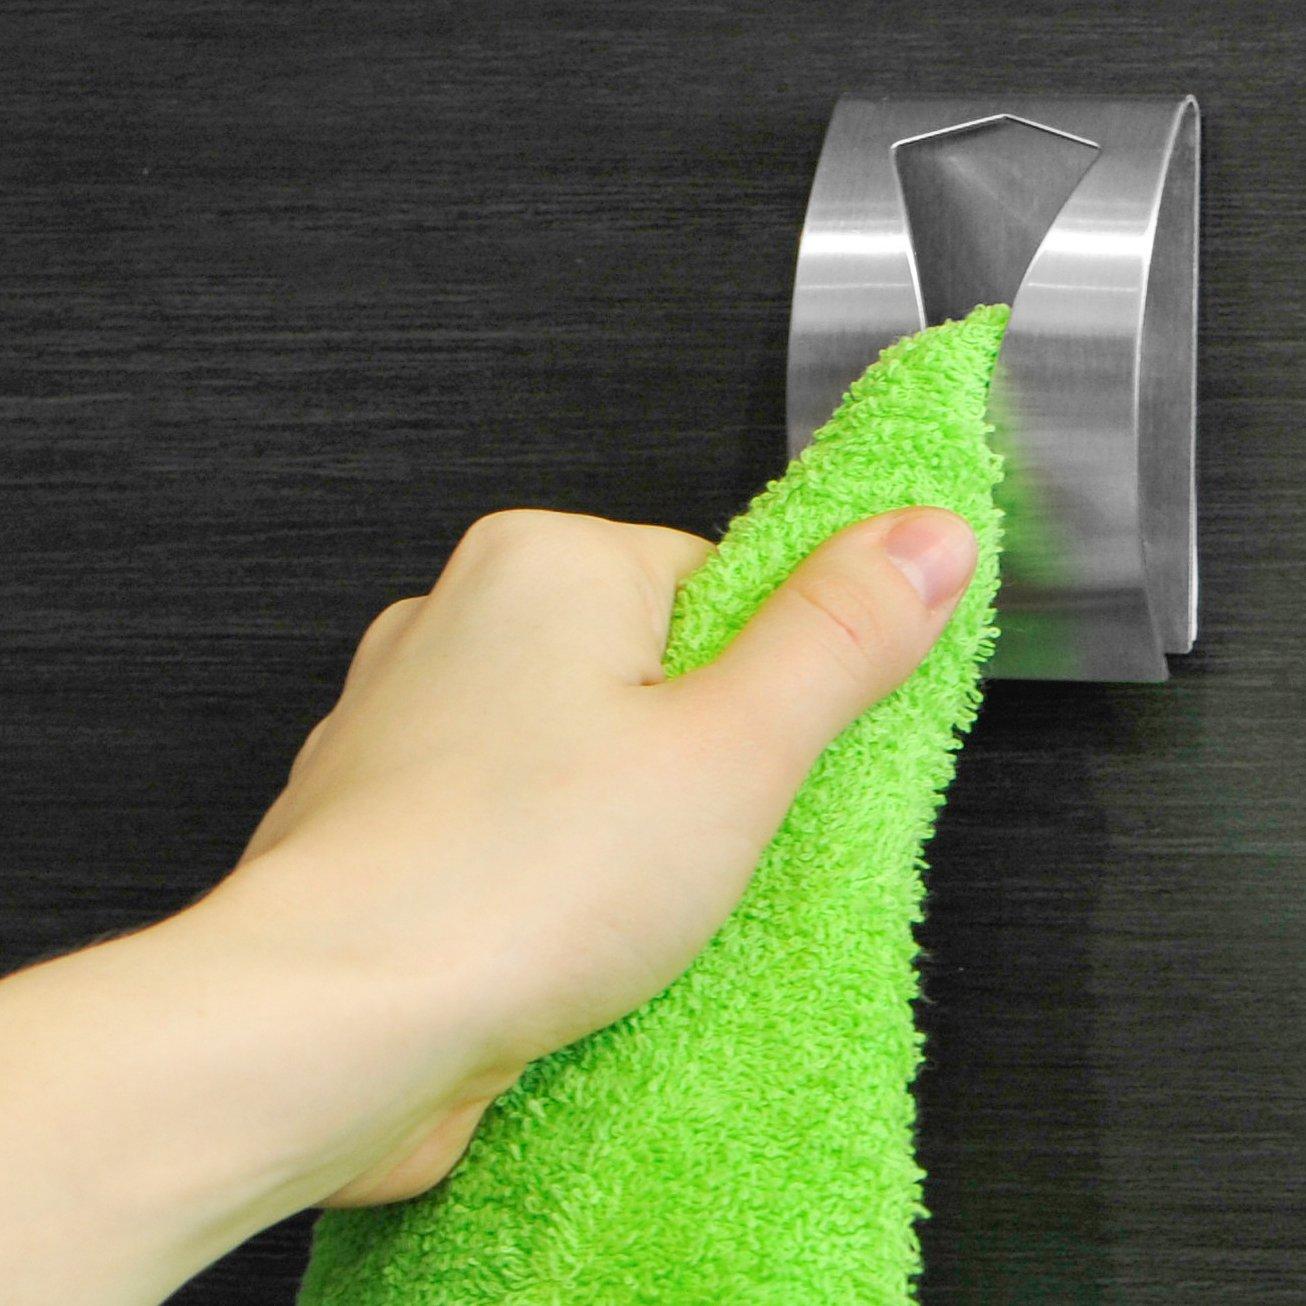 Tatkraft iris porta asciugamano adesivo acciaio inox: amazon.it ...